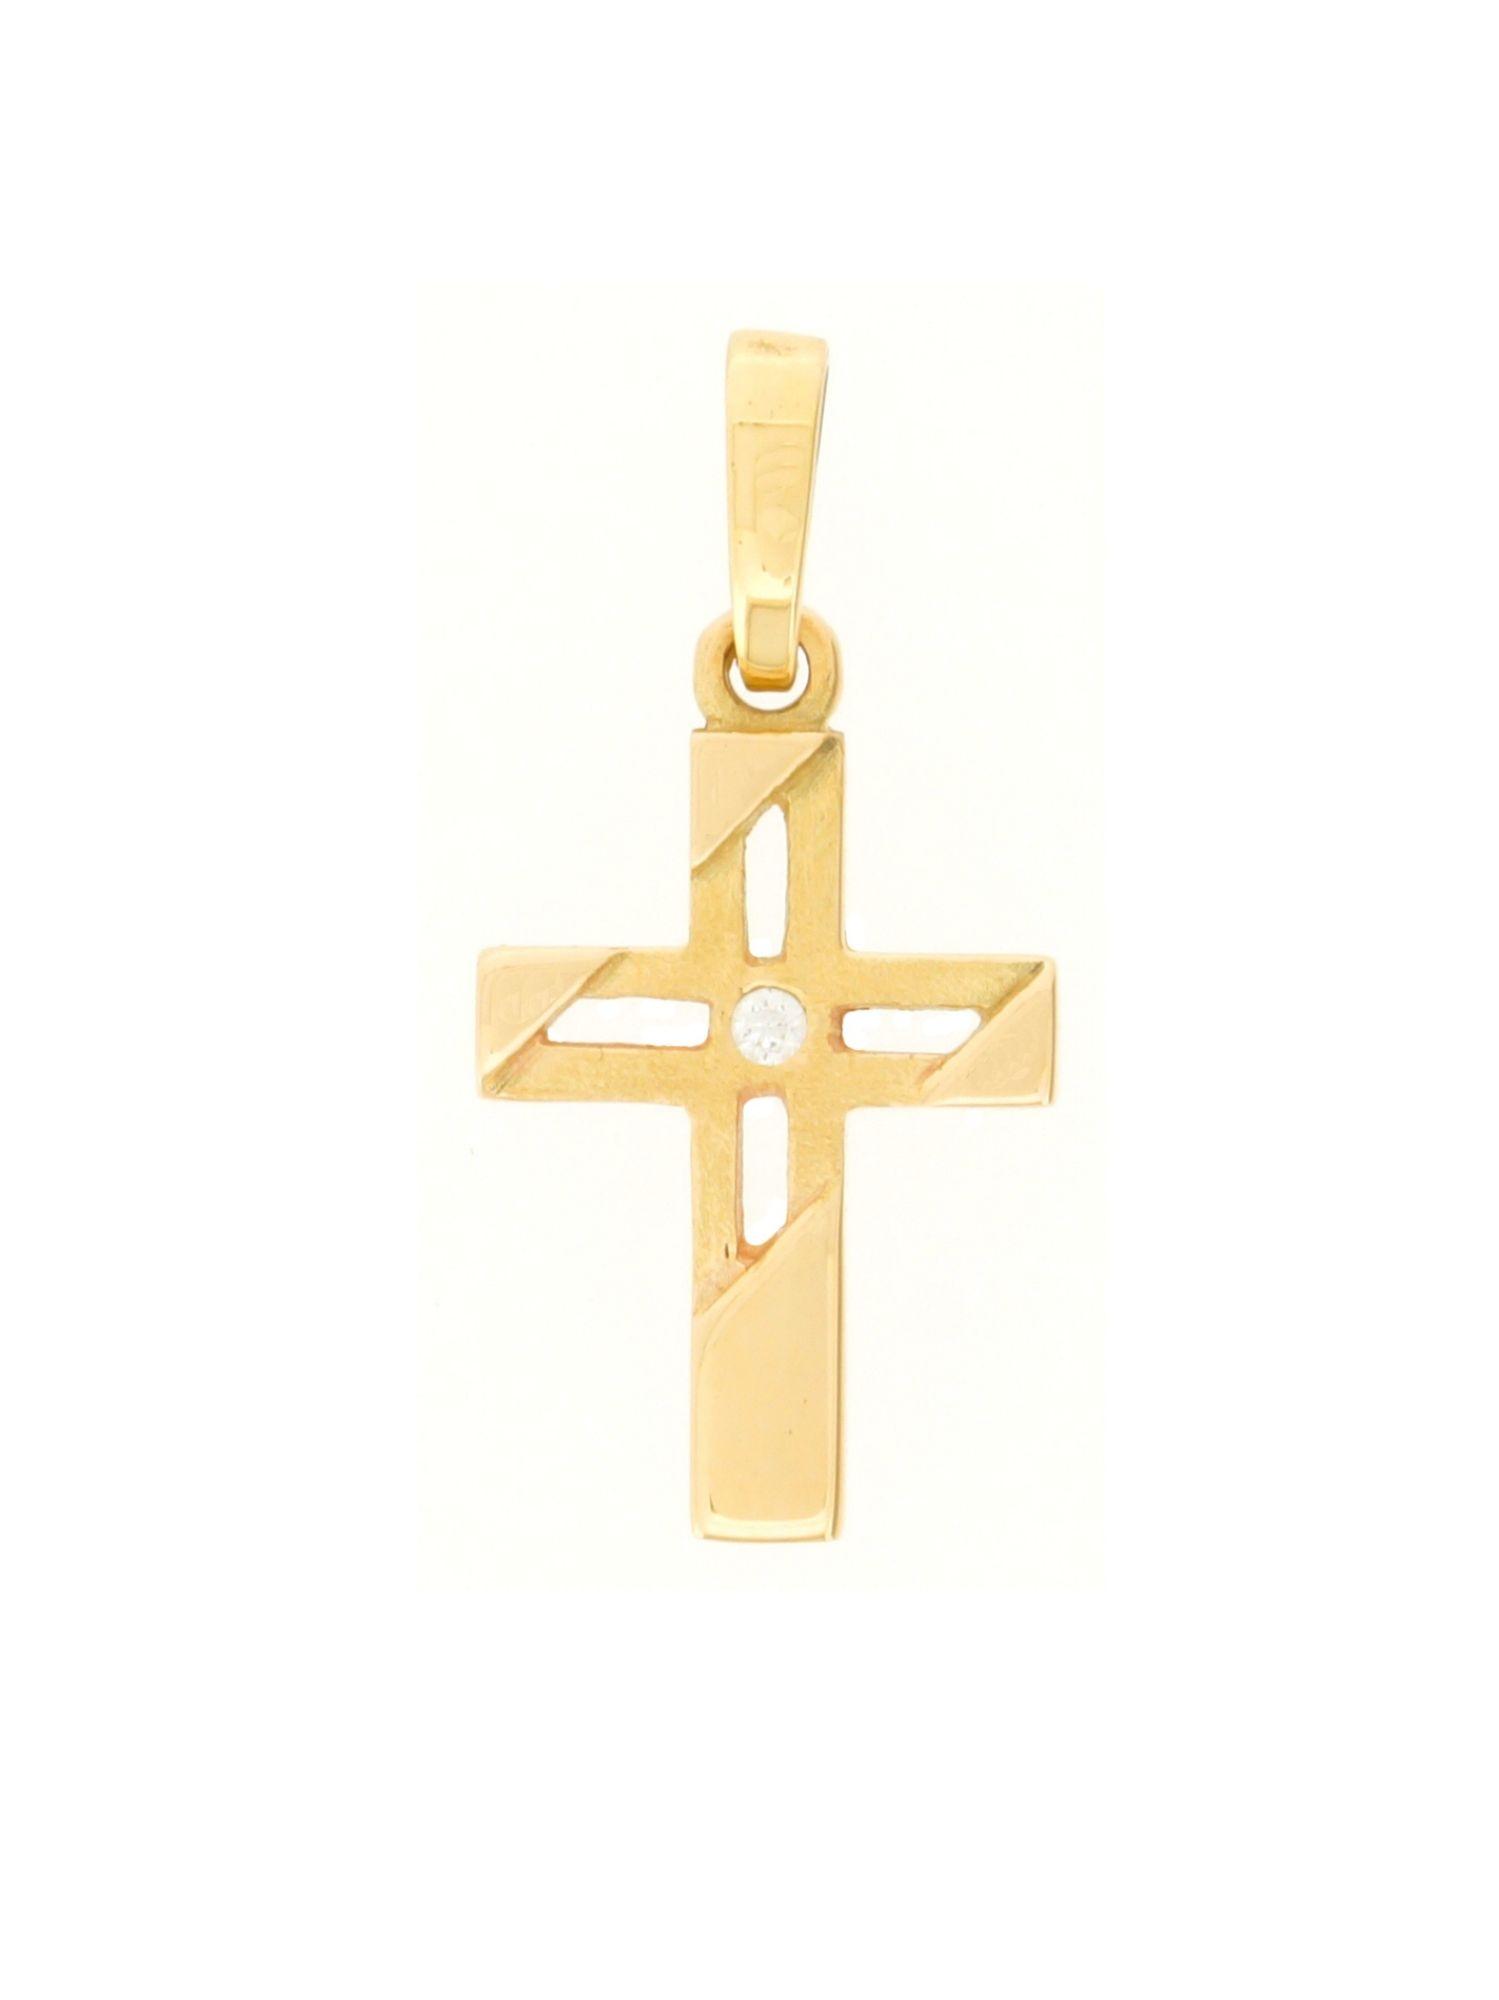 Gerry Eder 27.9184  Anhänger Kreuz 14 Karat (585) Gelbgold Gold Weiß